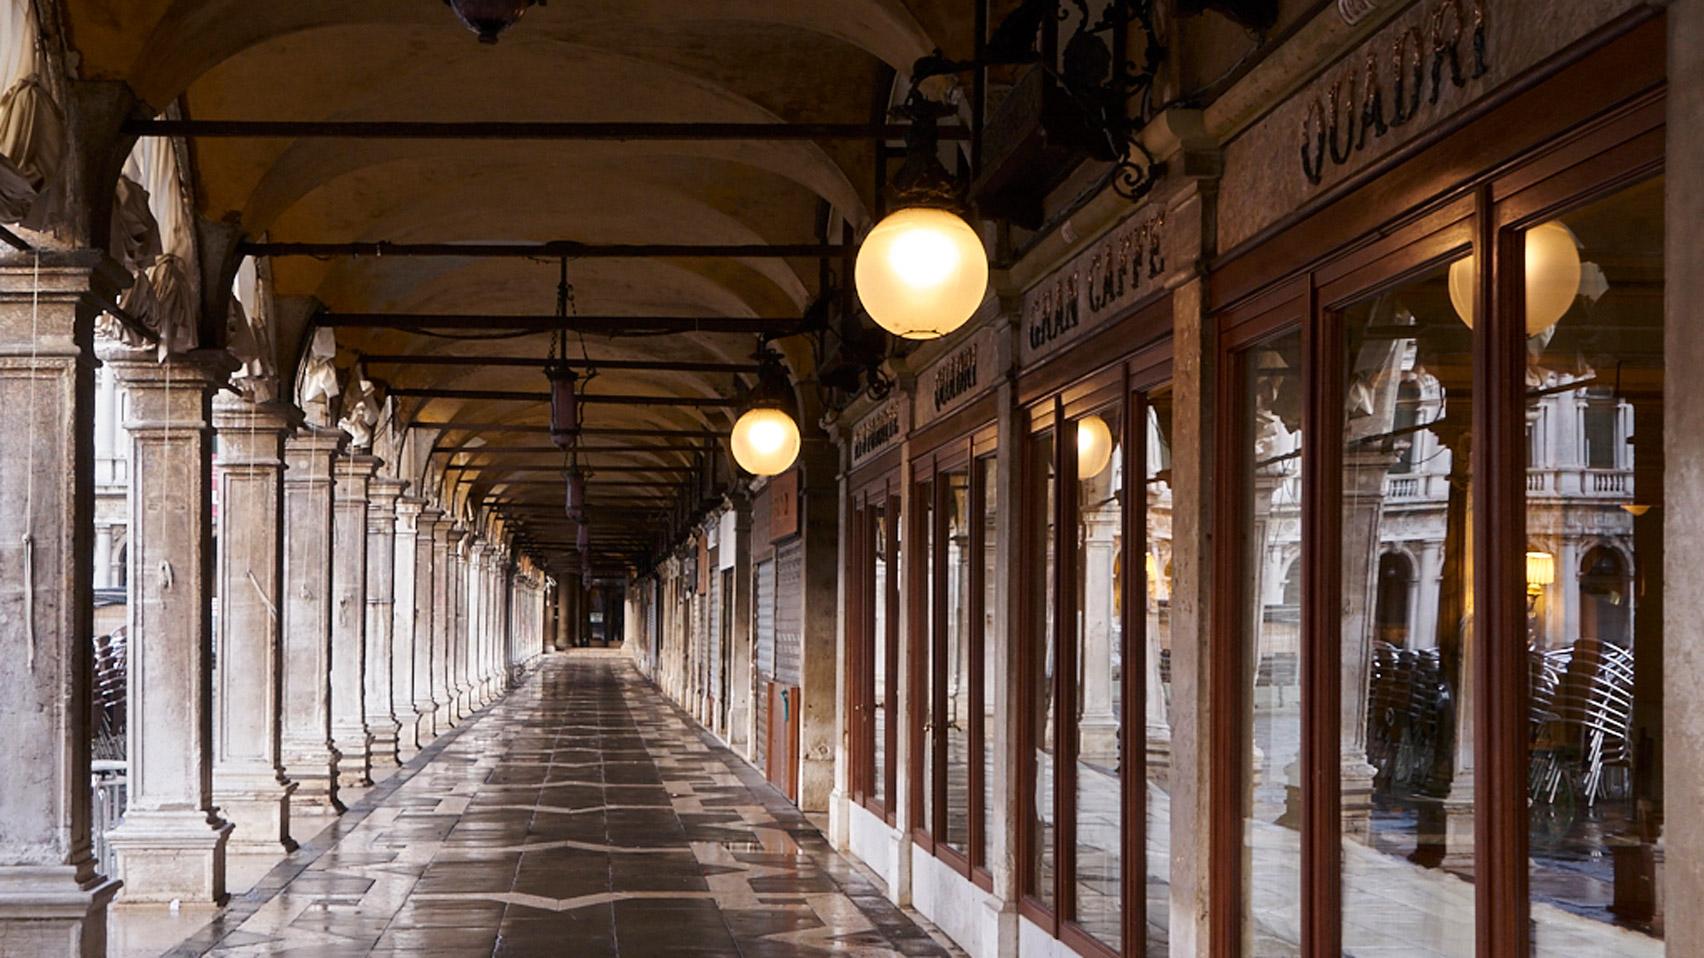 Philippe Starck restores time-worn interiors of the Quadri restaurant in Venice